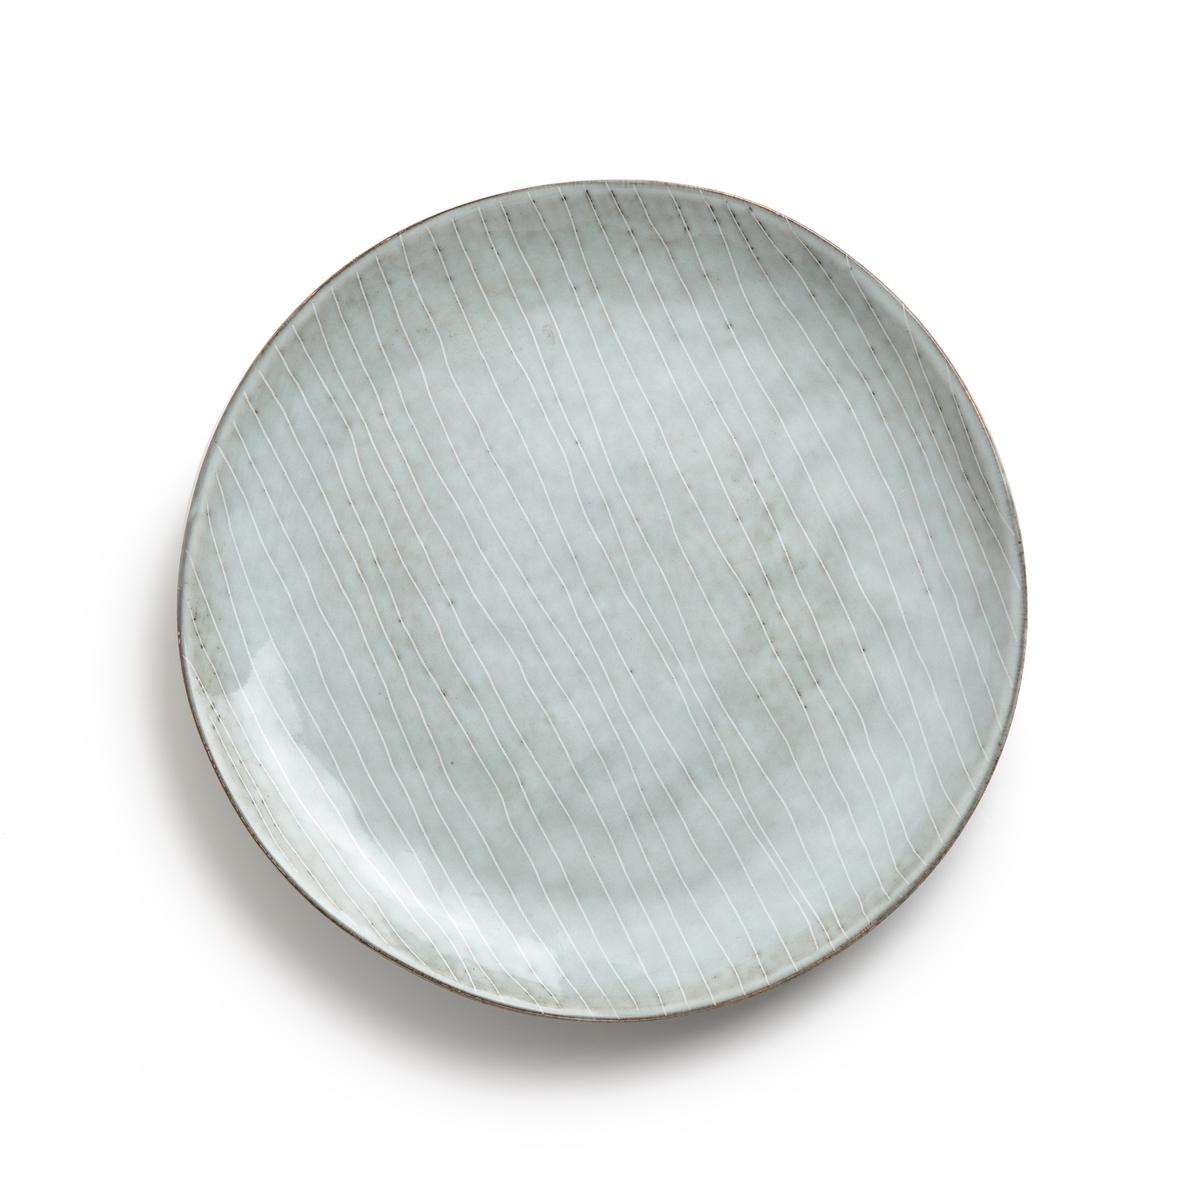 Комплект из 4 мелких тарелок из керамики, Amedras4 мелкие тарелки Amedras. Эти тарелки в северном стиле с рисунком синего цвета в виде изящных полосок изготовлены вручную, возможны небольшие различия в тоне цвета. Характеристики: - Из керамики, покрытой глазурью. - Можно использовать в микроволновой печи и мыть в посудомоечной машине. - Десертные тарелки, чайник, миски и чашки представлены на нашем сайте.    Размер: - ?27,5 x В2,5 см.<br><br>Цвет: серо-синий